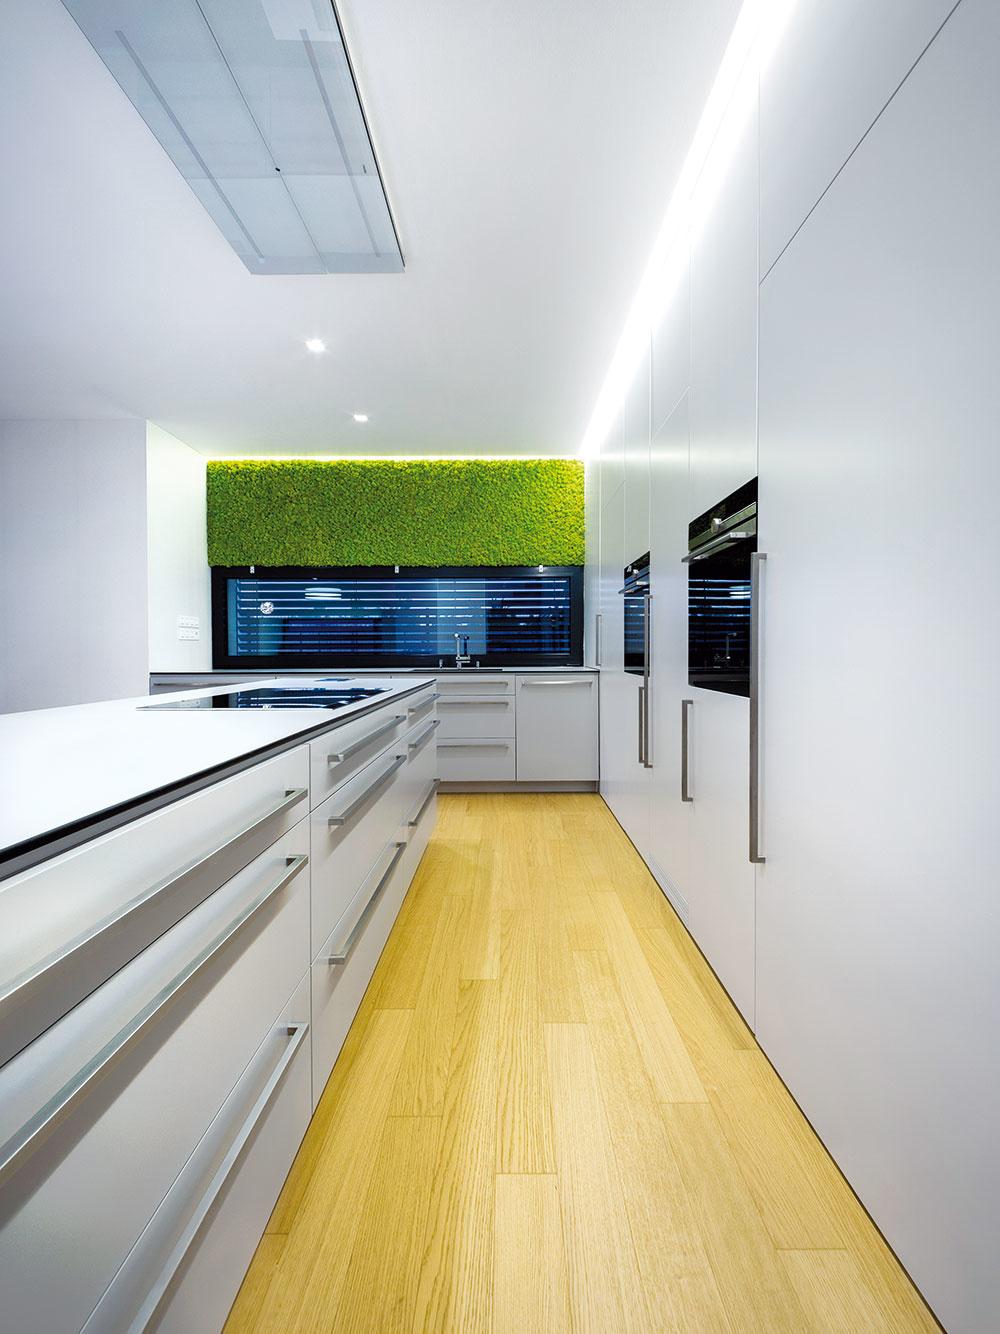 Odsávanie integrované do stropného podhľadu umožnilo architektom vyhnúť sa optickej bariére, ktorú by vytvoril ostrovný digestor.